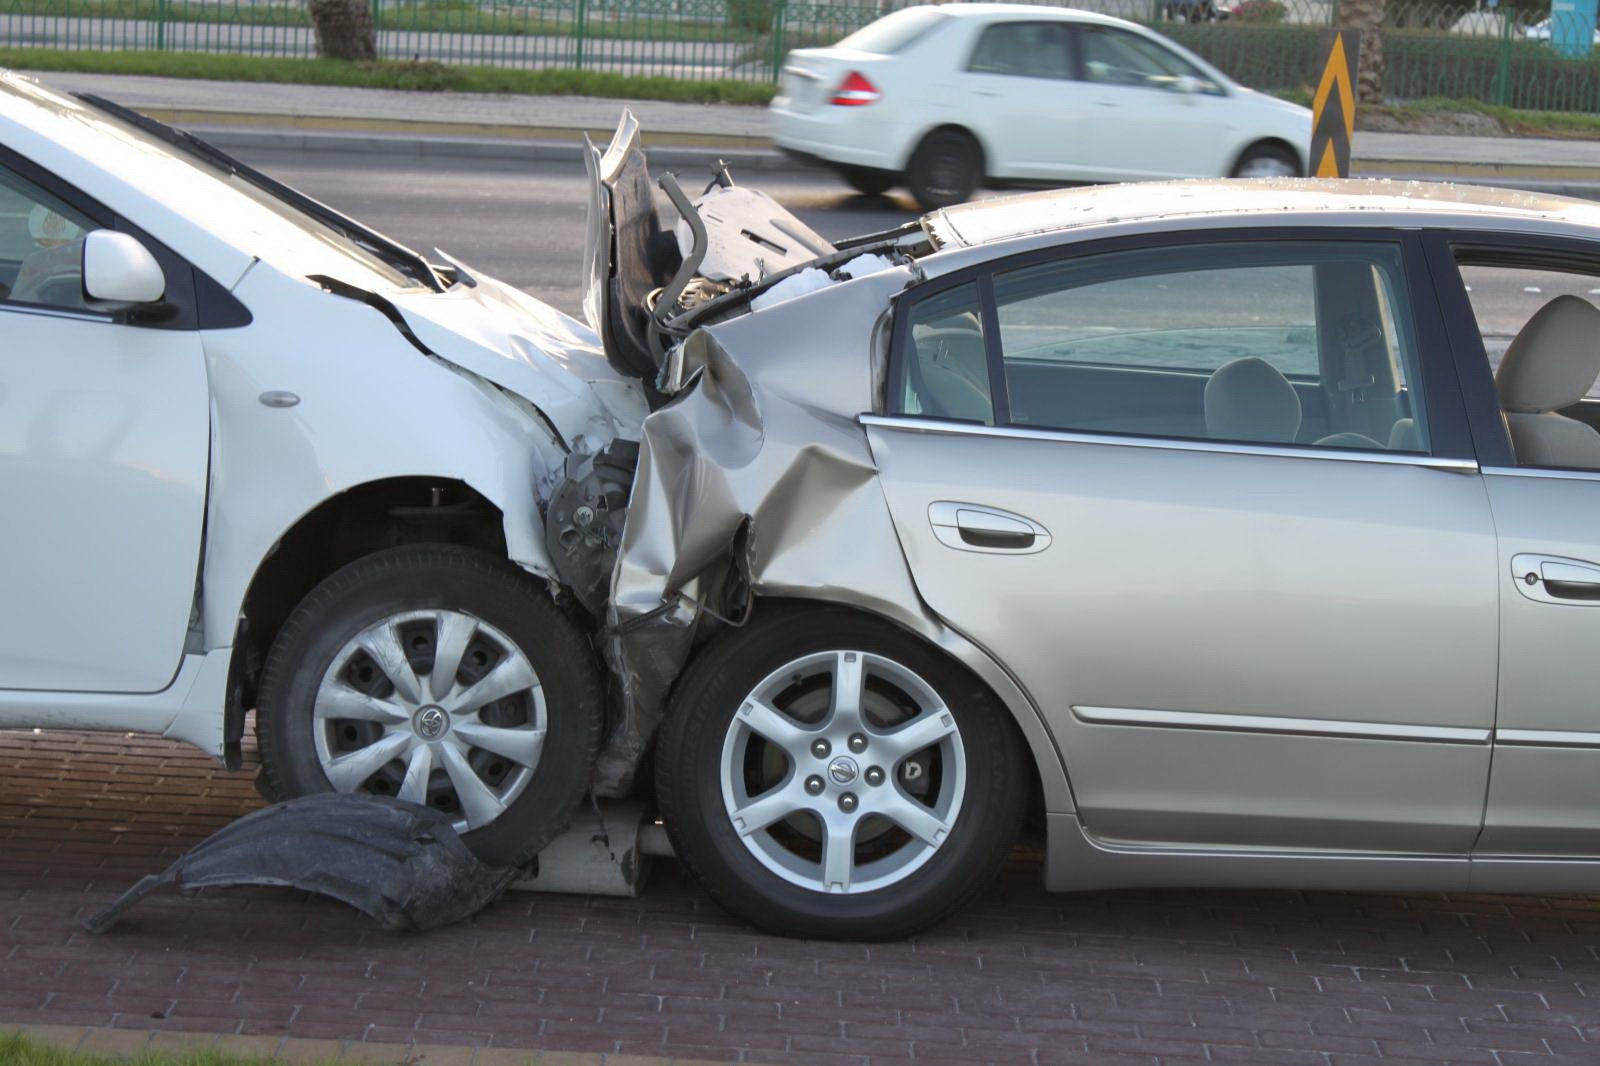 بالصور صور حوادث سيارات , صورة سيارات مدمرة من حوادث الطرق